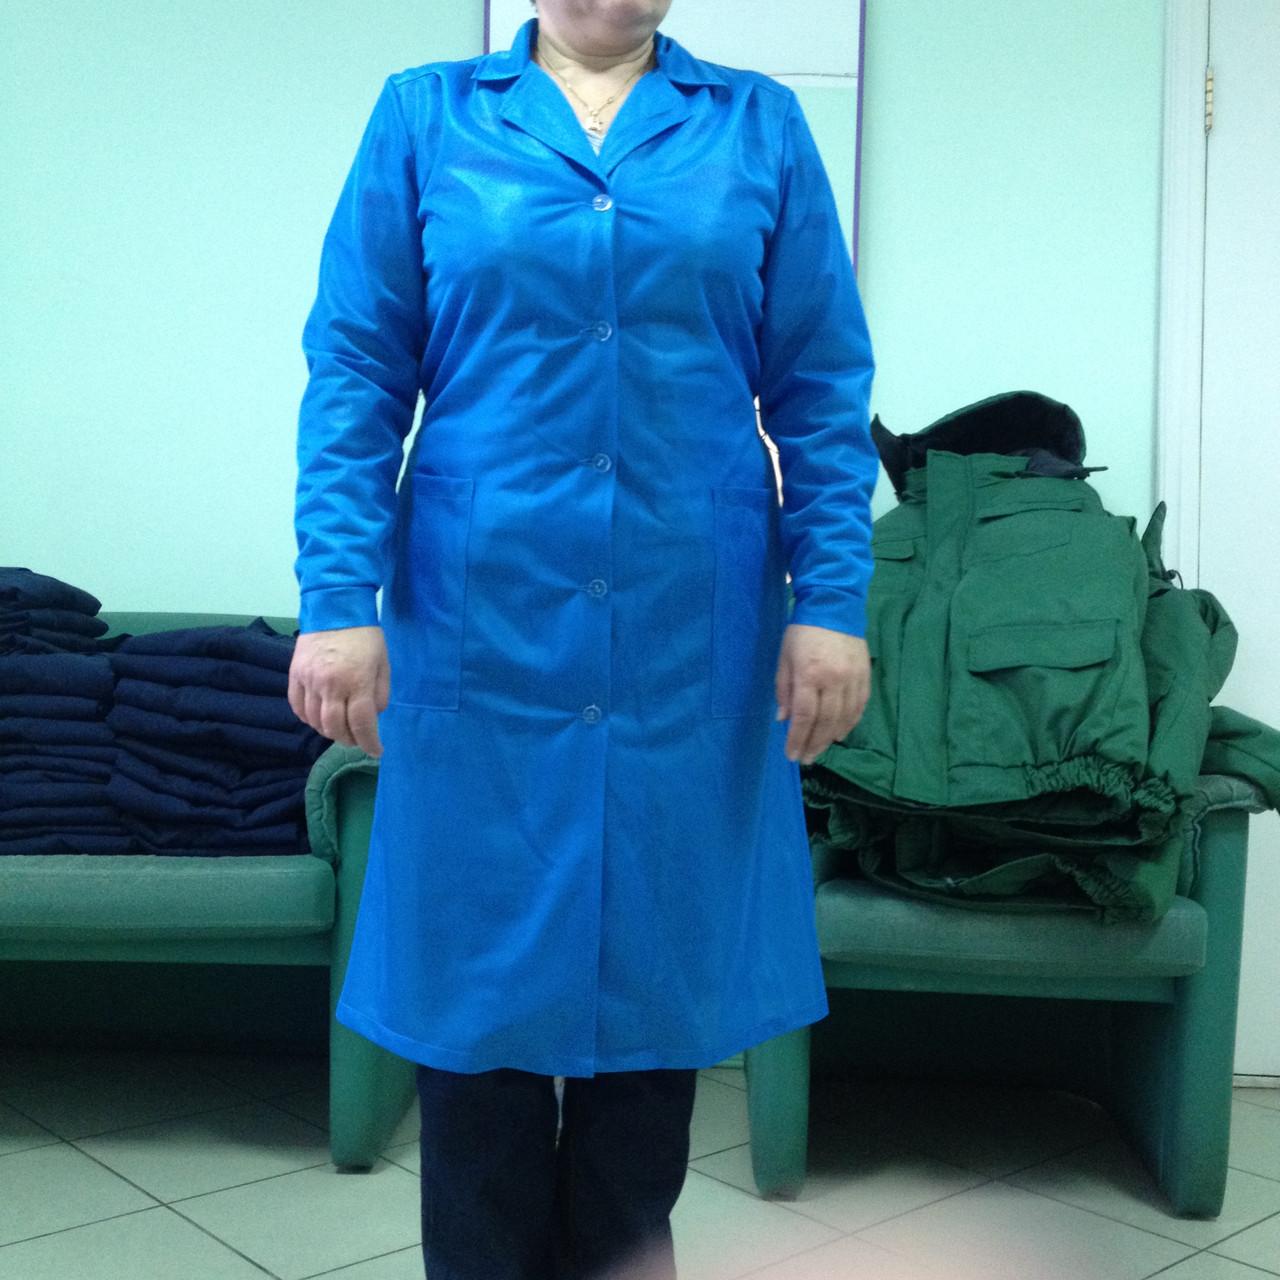 Халат нейлоновый, габардиновый, для продавцов, работников складов - МС Групп, Спецодежда в Львове